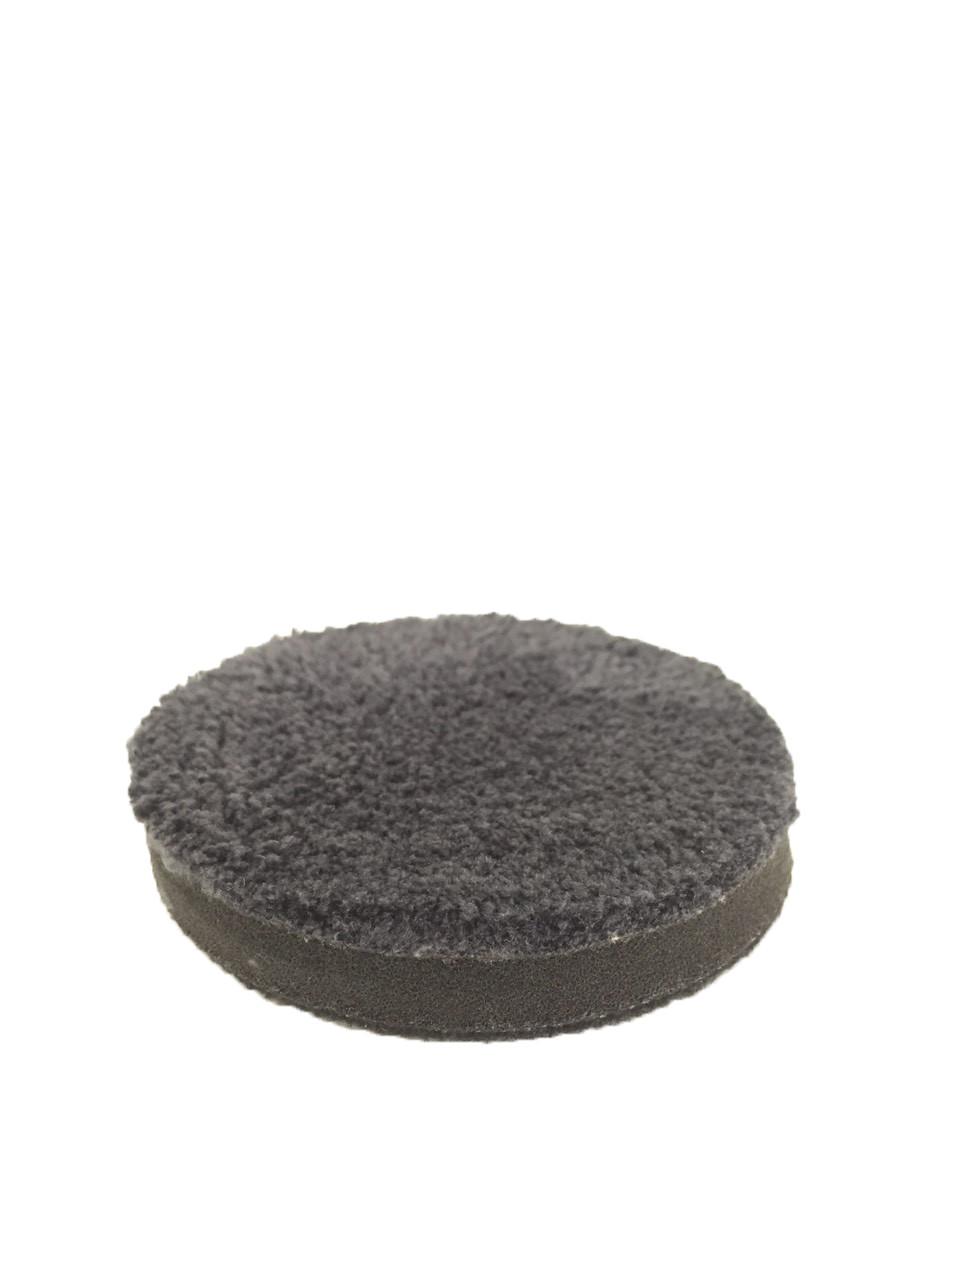 Полировальный круг микрофибровый антиголограмный - Lake Country Microfiber Black Polishing 75 мм. (MF-325 POL)